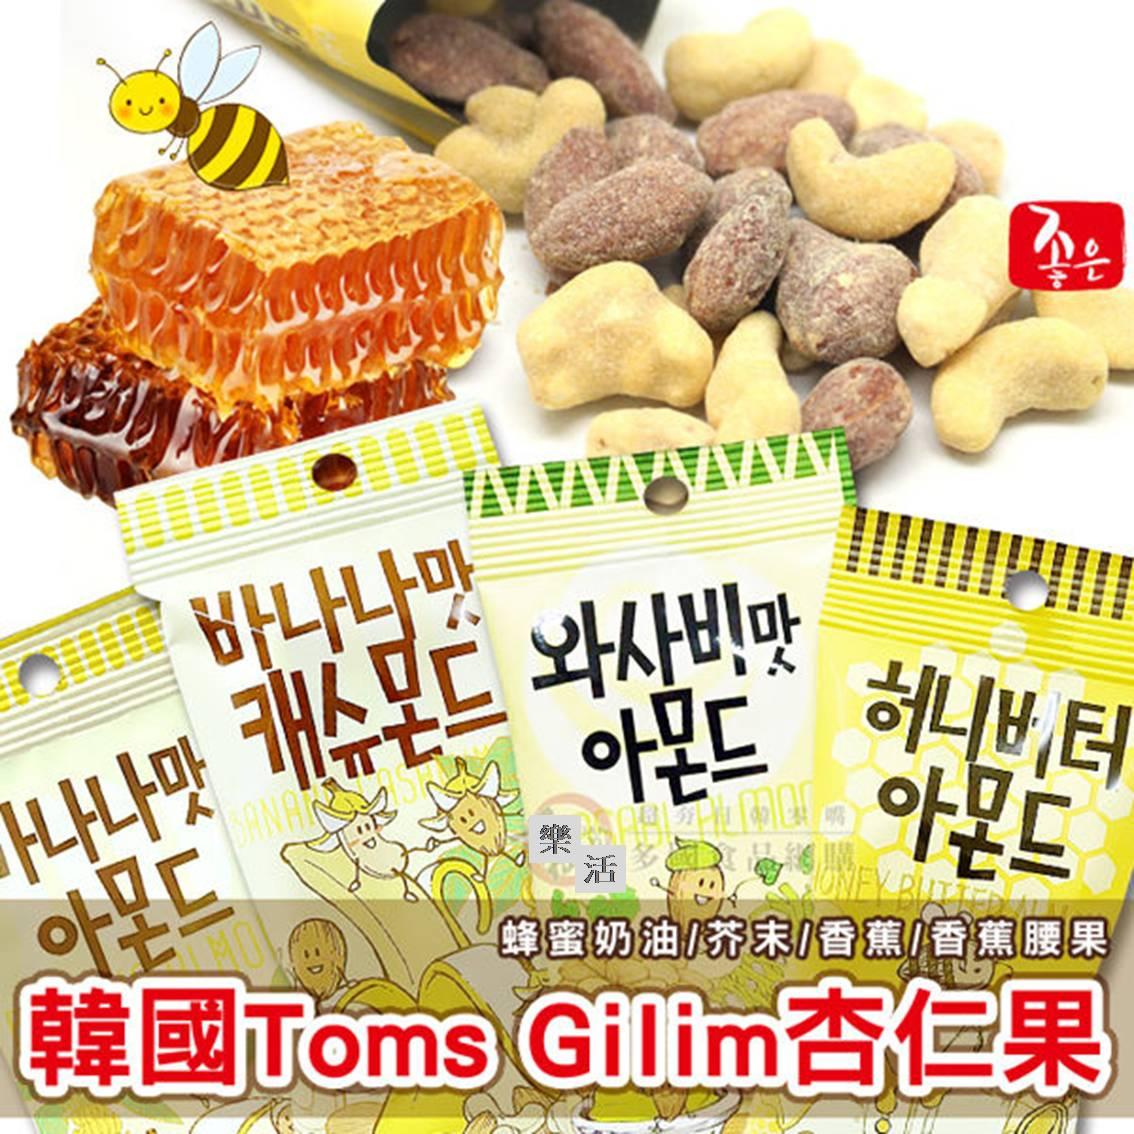 韓國TOM'S蜂蜜奶油杏仁果 /芥末杏仁果 /香蕉口味杏仁果 /香蕉腰果 樂活生活館